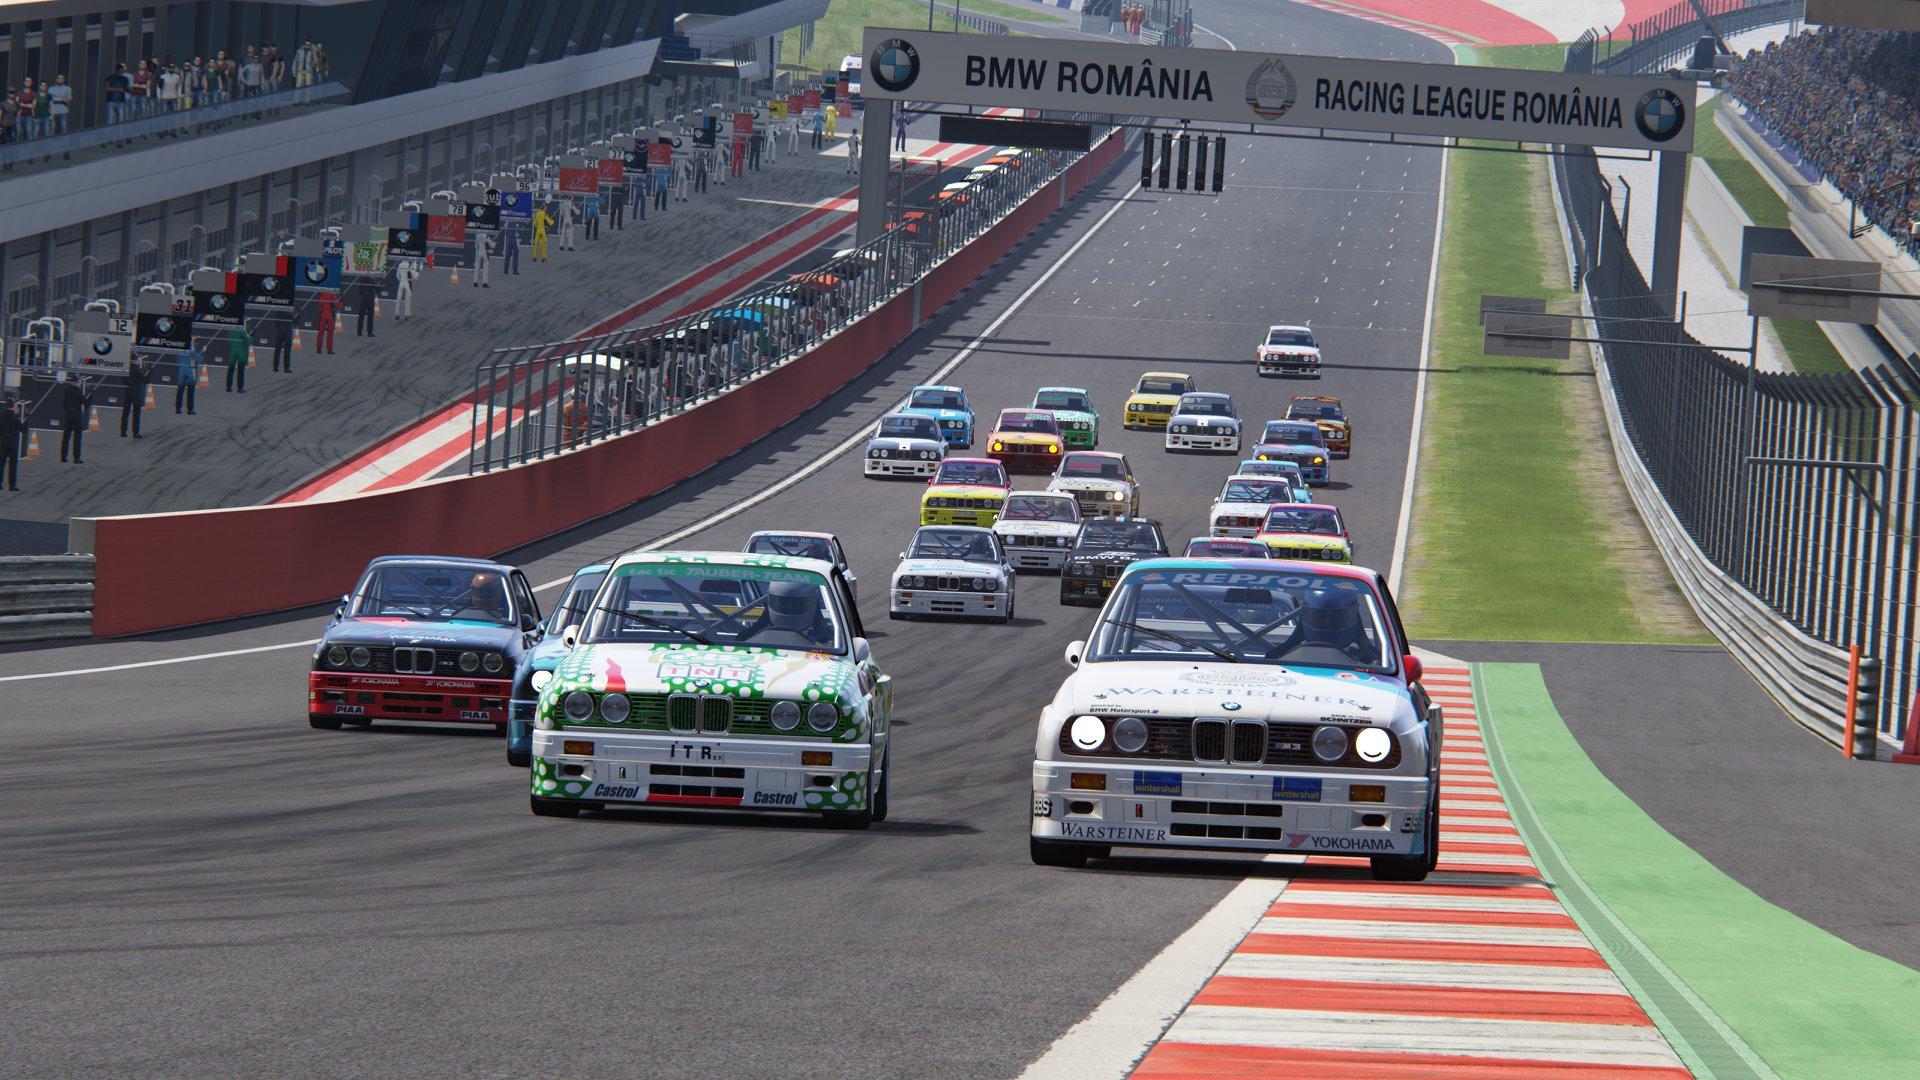 Кадър от състезание в румънски виртуален шампионат Racing League Romania